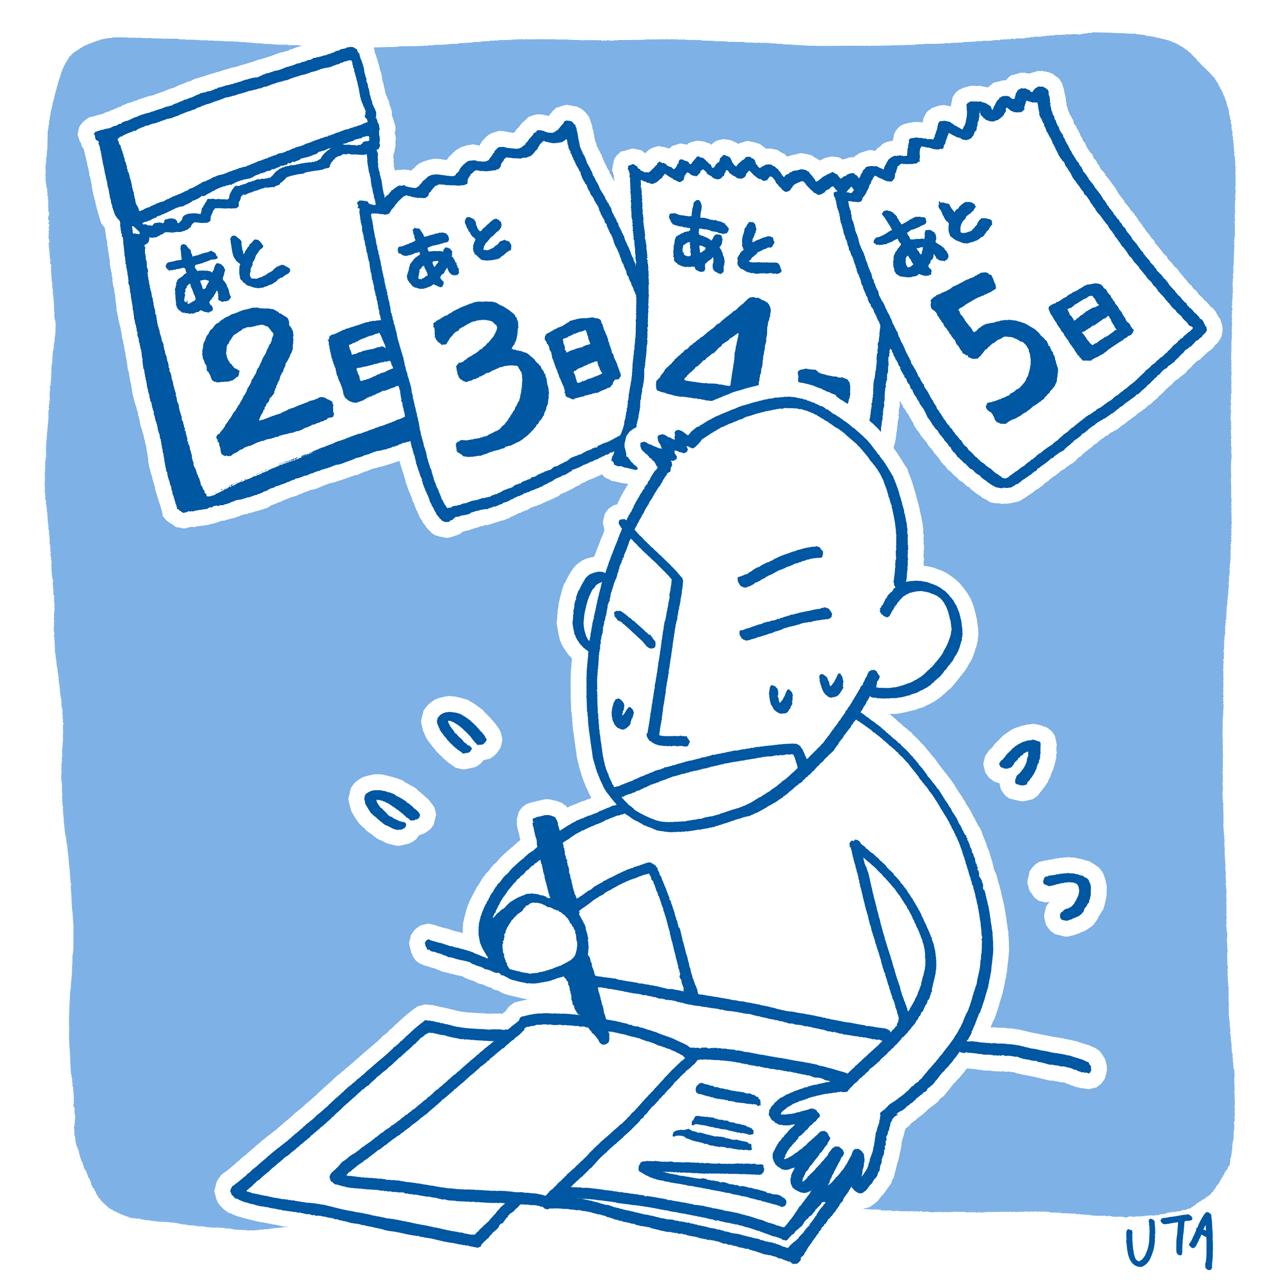 「締め切りがないと、到達しないすごく遠いゴールに向かって走ってしまう」──カーネルハッカー・小崎資広(2)